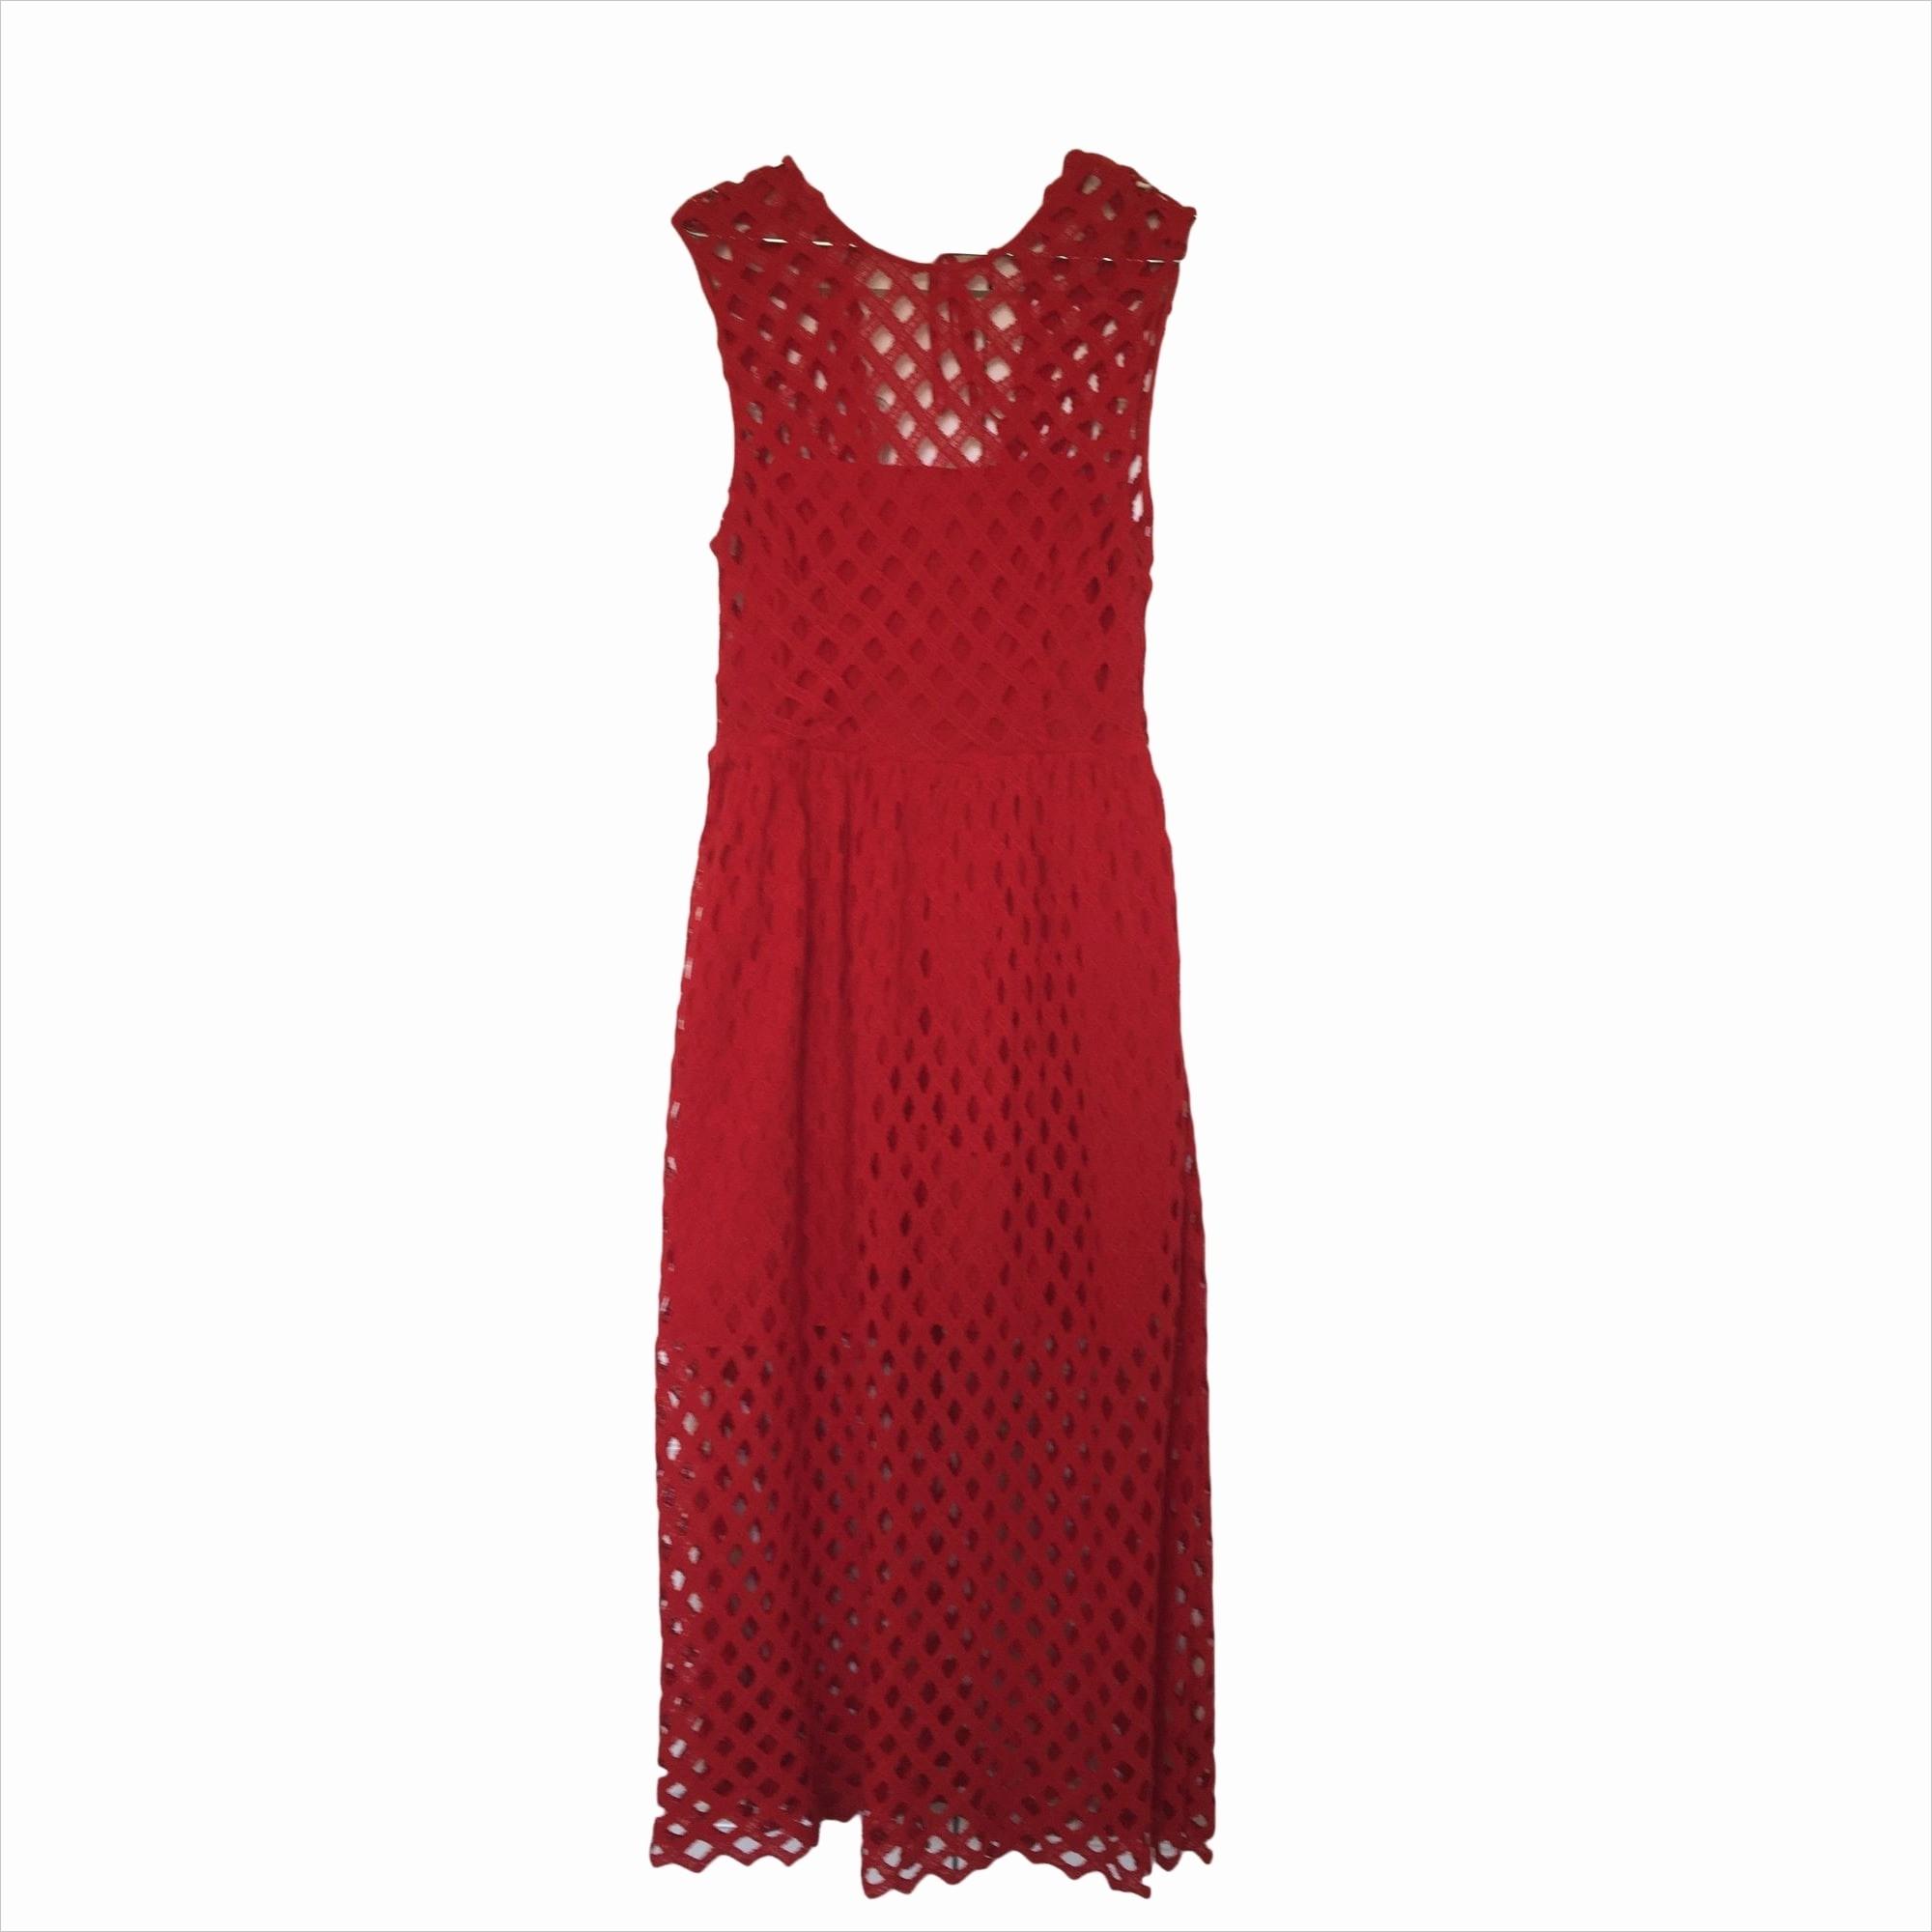 Formal Schön Der Kleid DesignDesigner Fantastisch Der Kleid Spezialgebiet